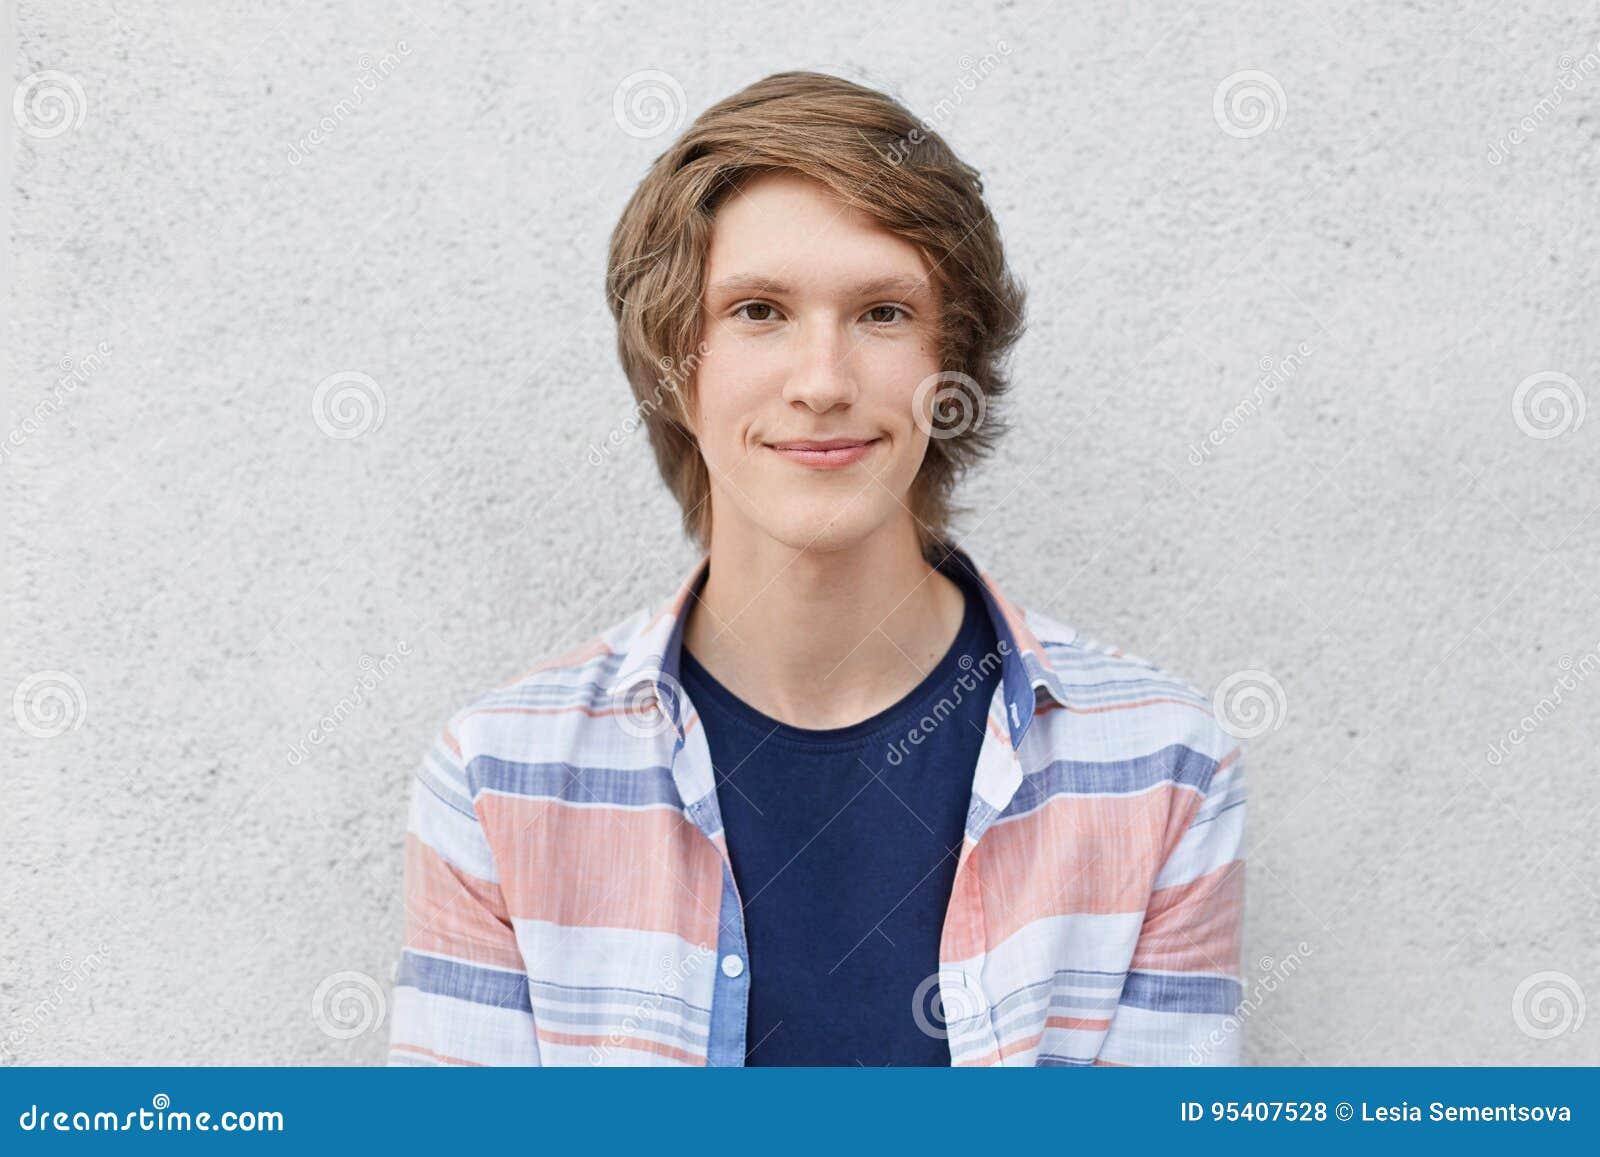 Headshot Nastoletni Chłopak Z Modną Fryzurą Wąskimi Brown Oczami